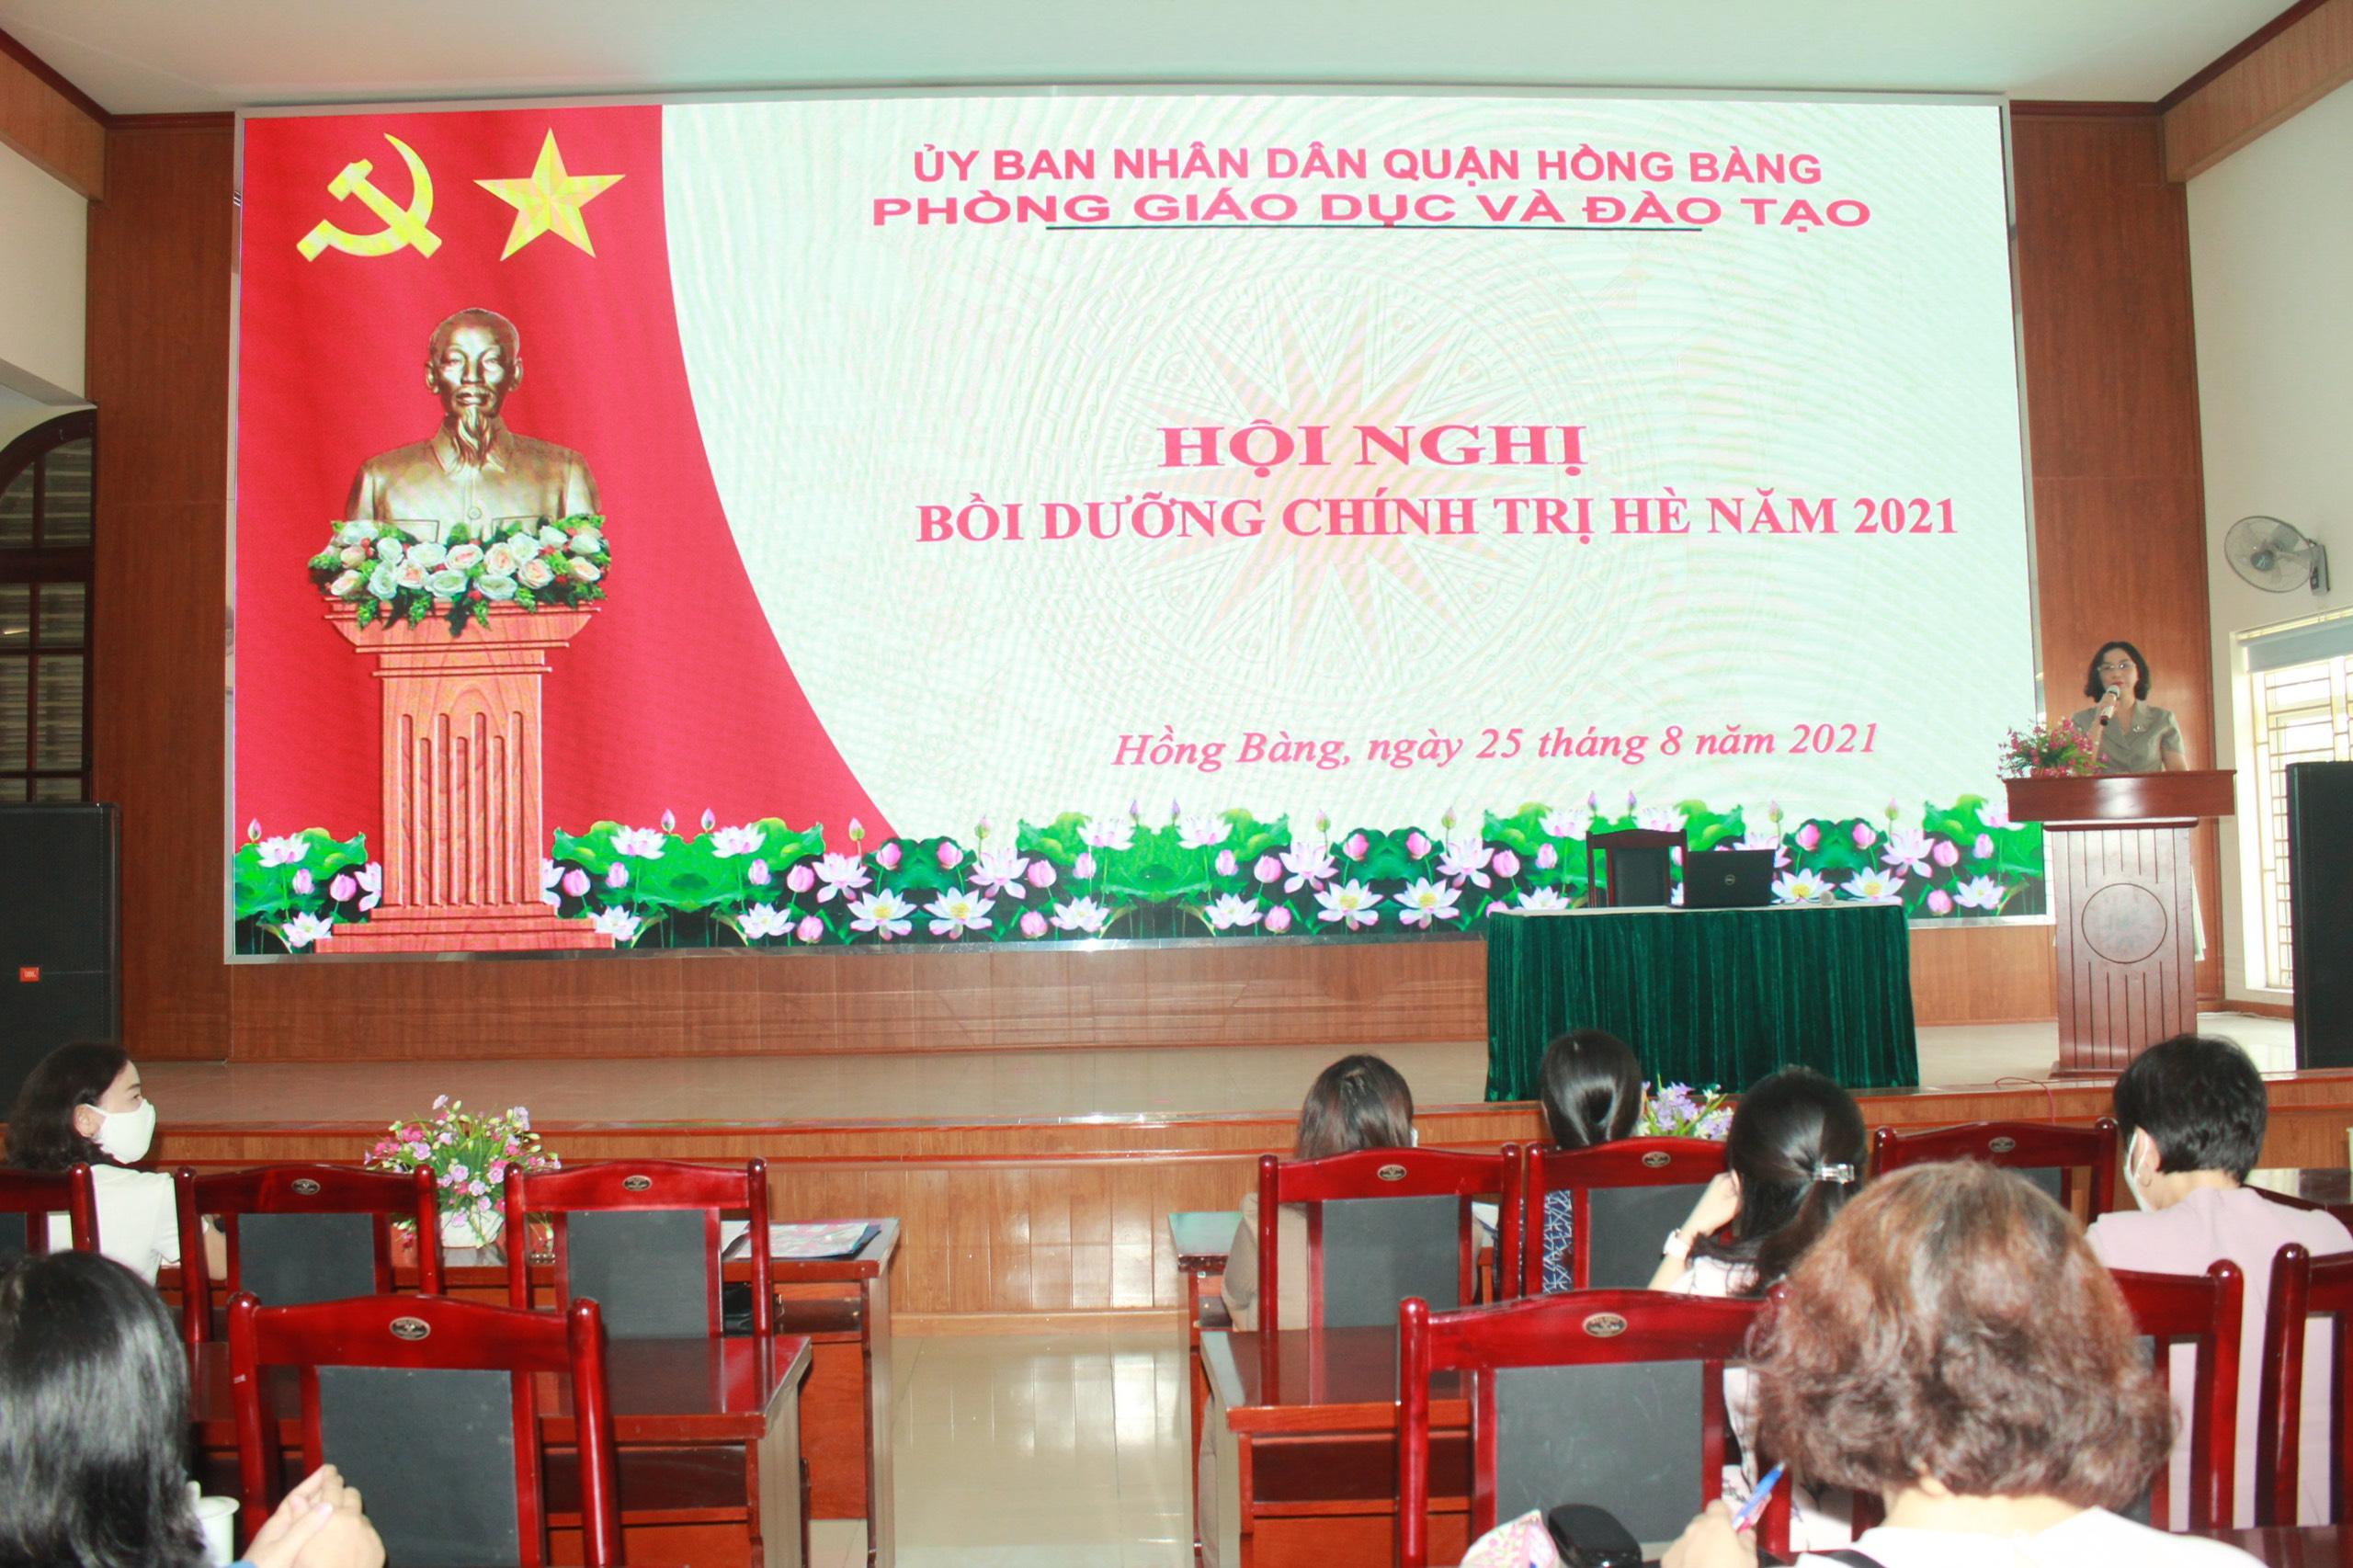 """<a href=""""/tin-tuc-su-kien/hoi-nghi-boi-duong-chinh-tri-he-2021/ct/31/1094"""">Hội nghị Bồi dưỡng chính trị Hè 2021</a>"""